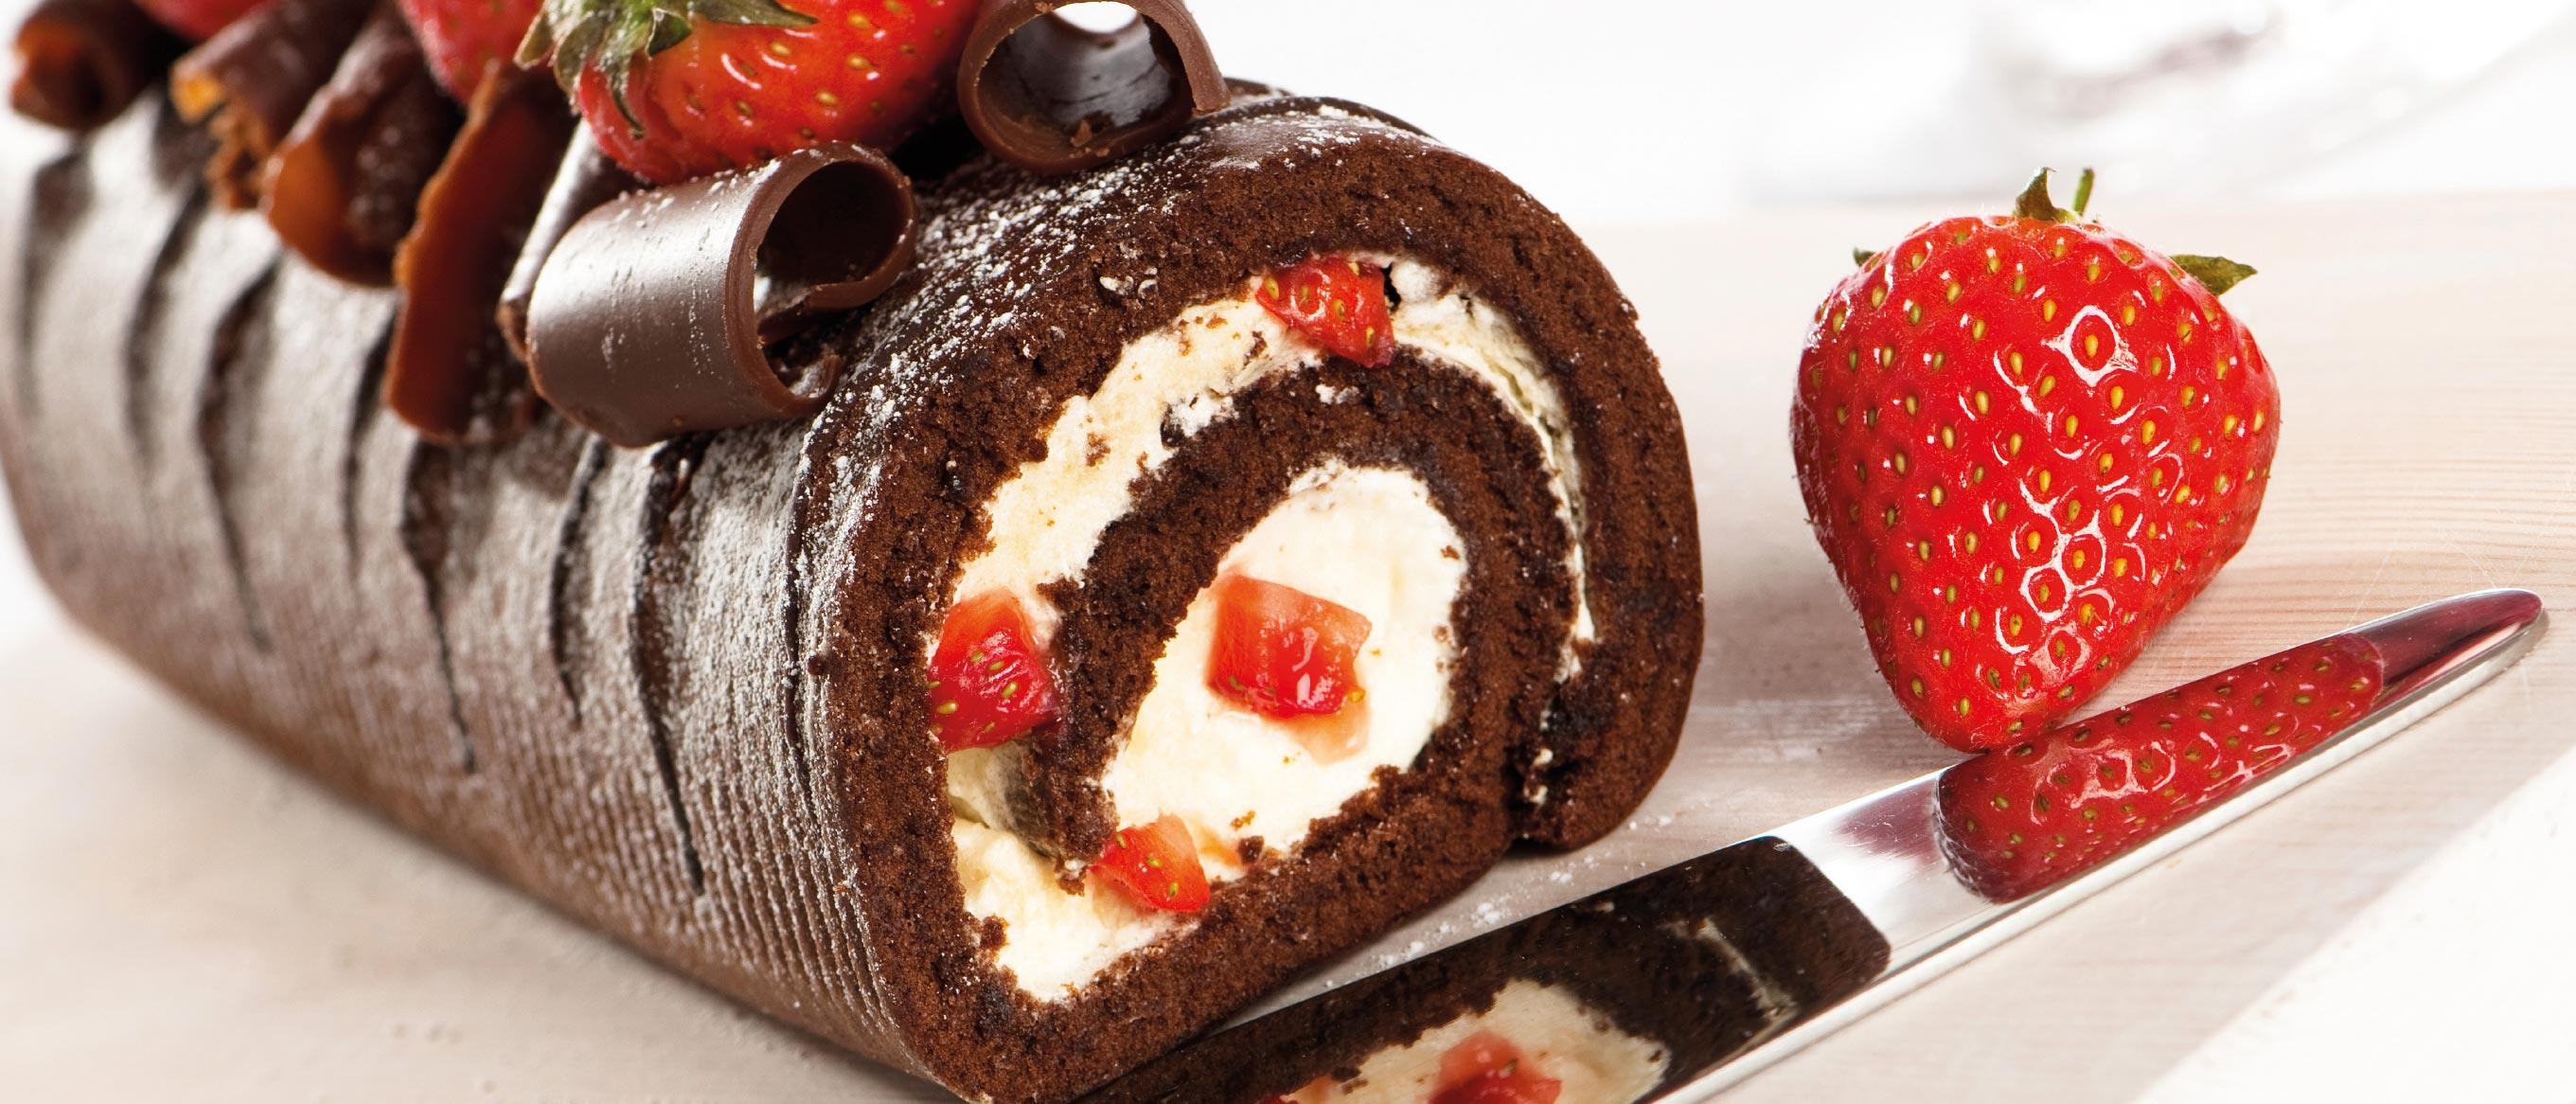 Recette buche de noel a la fraise